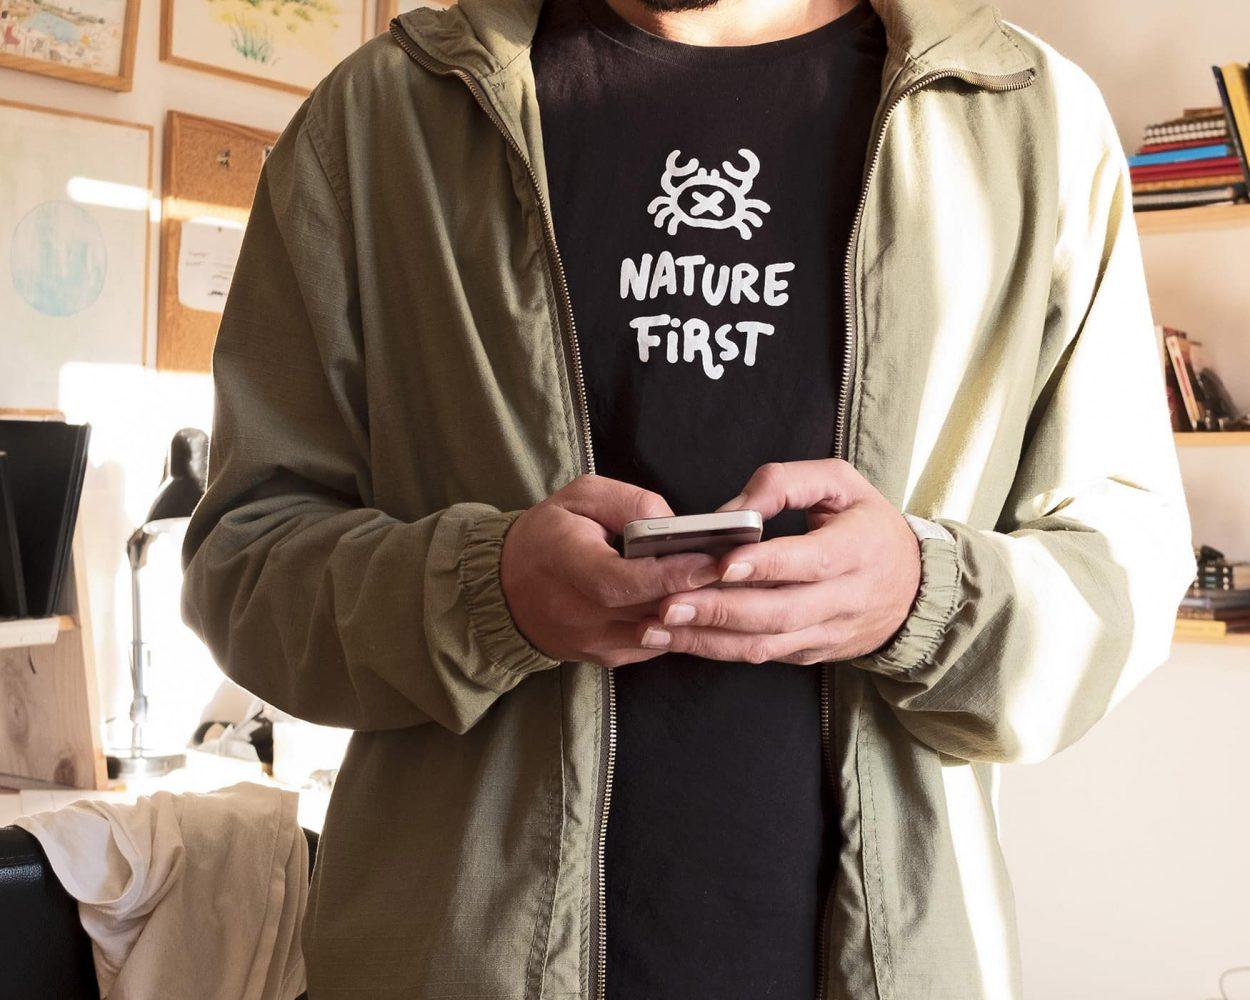 Fotografía de una camiseta negra nature first en el estudio del artista